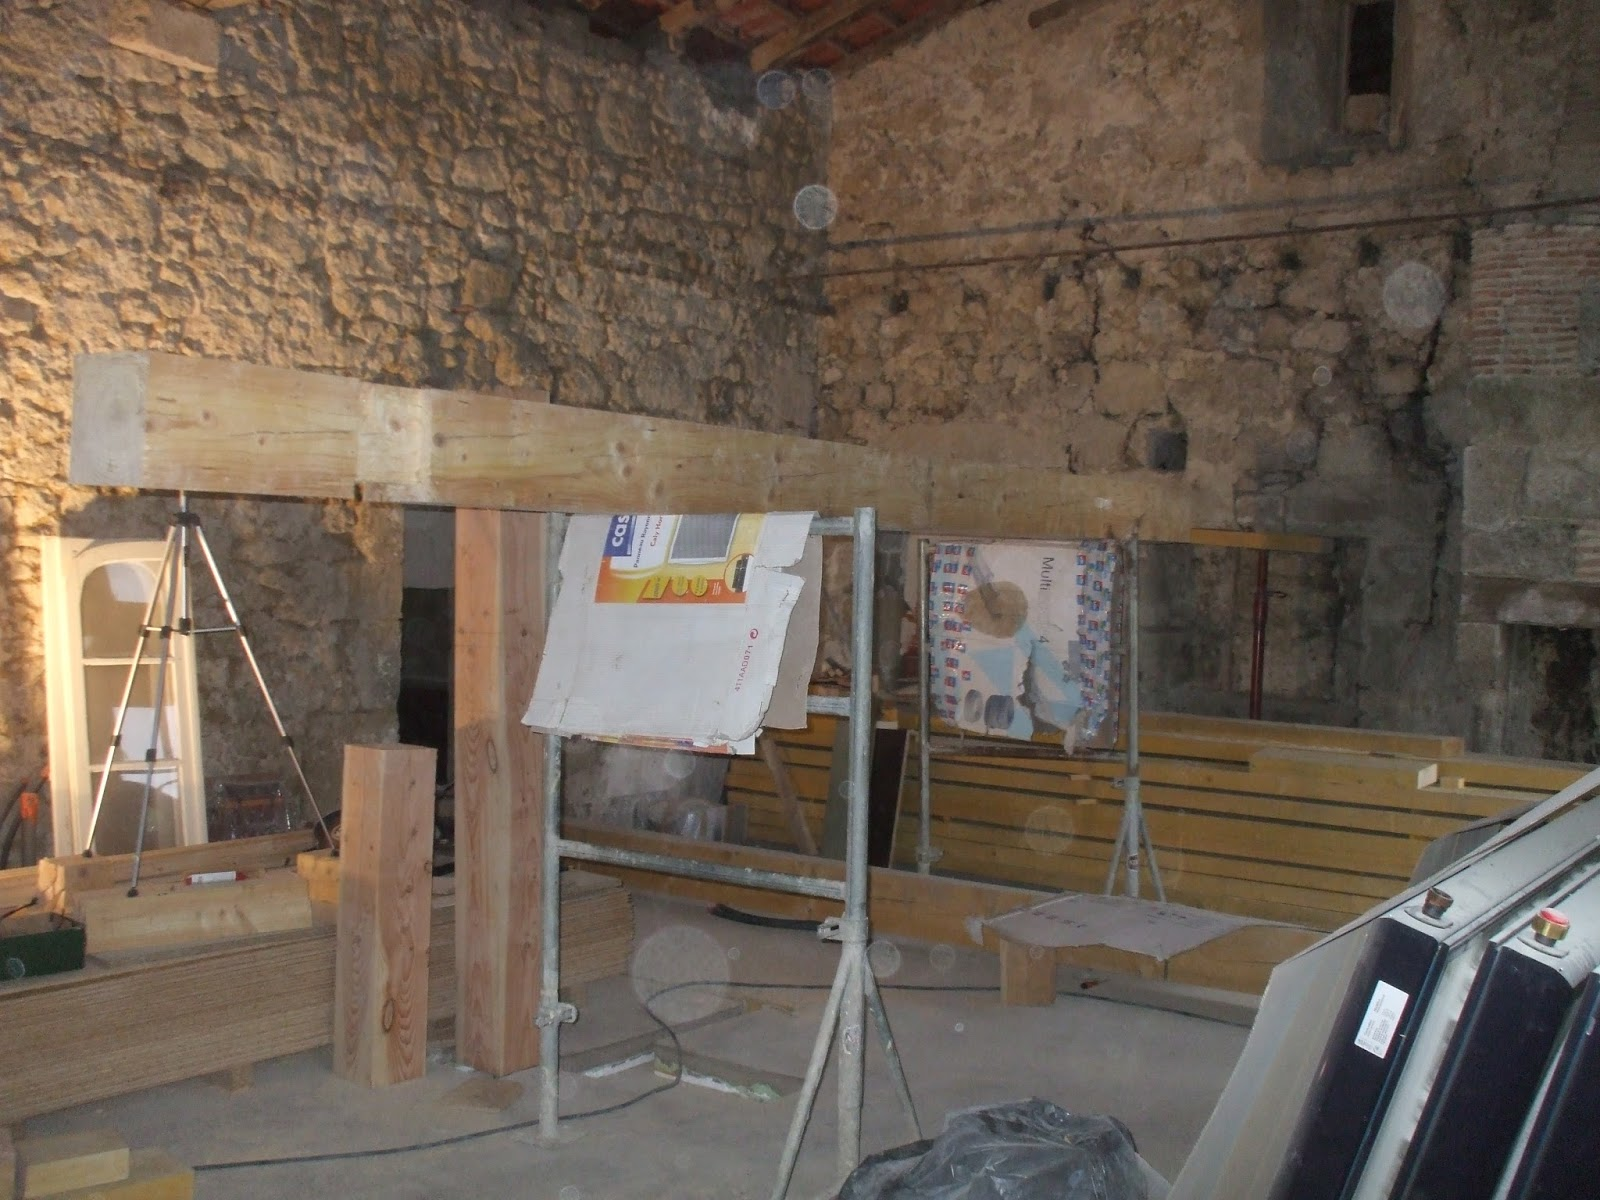 Les terrasses de bessou chantier maintenant 22 25 ao t 2013 le retour - Fermer une mezzanine ...